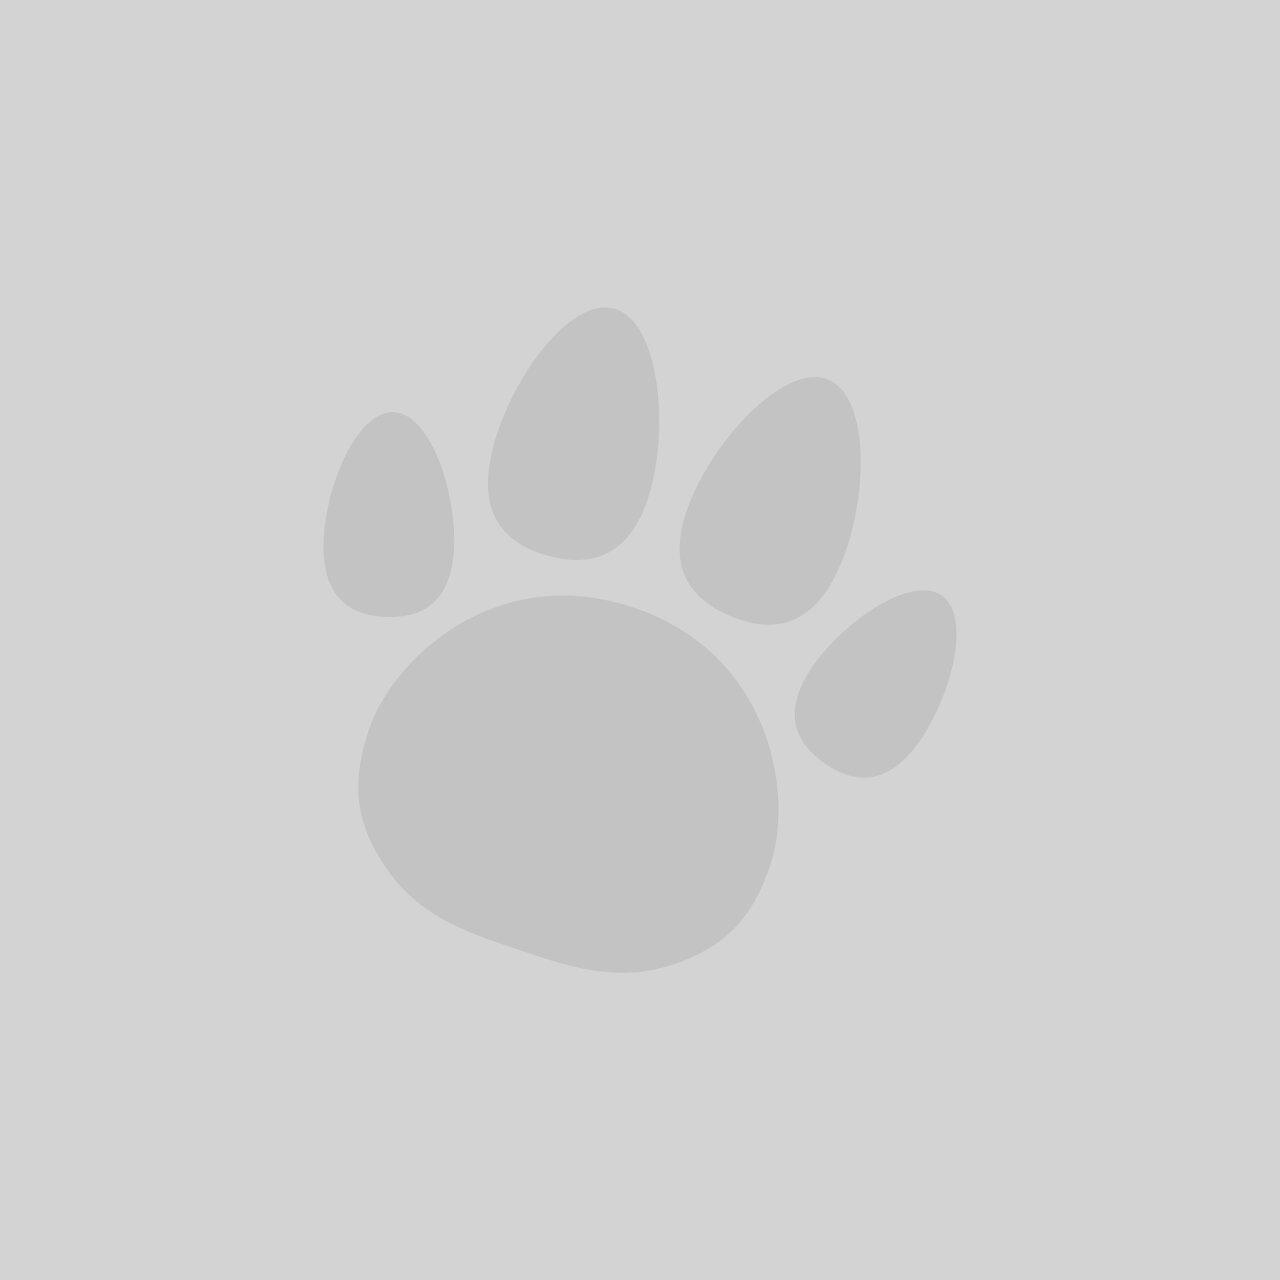 Iams Senior Small and Medium Breed Dog Food 12kg